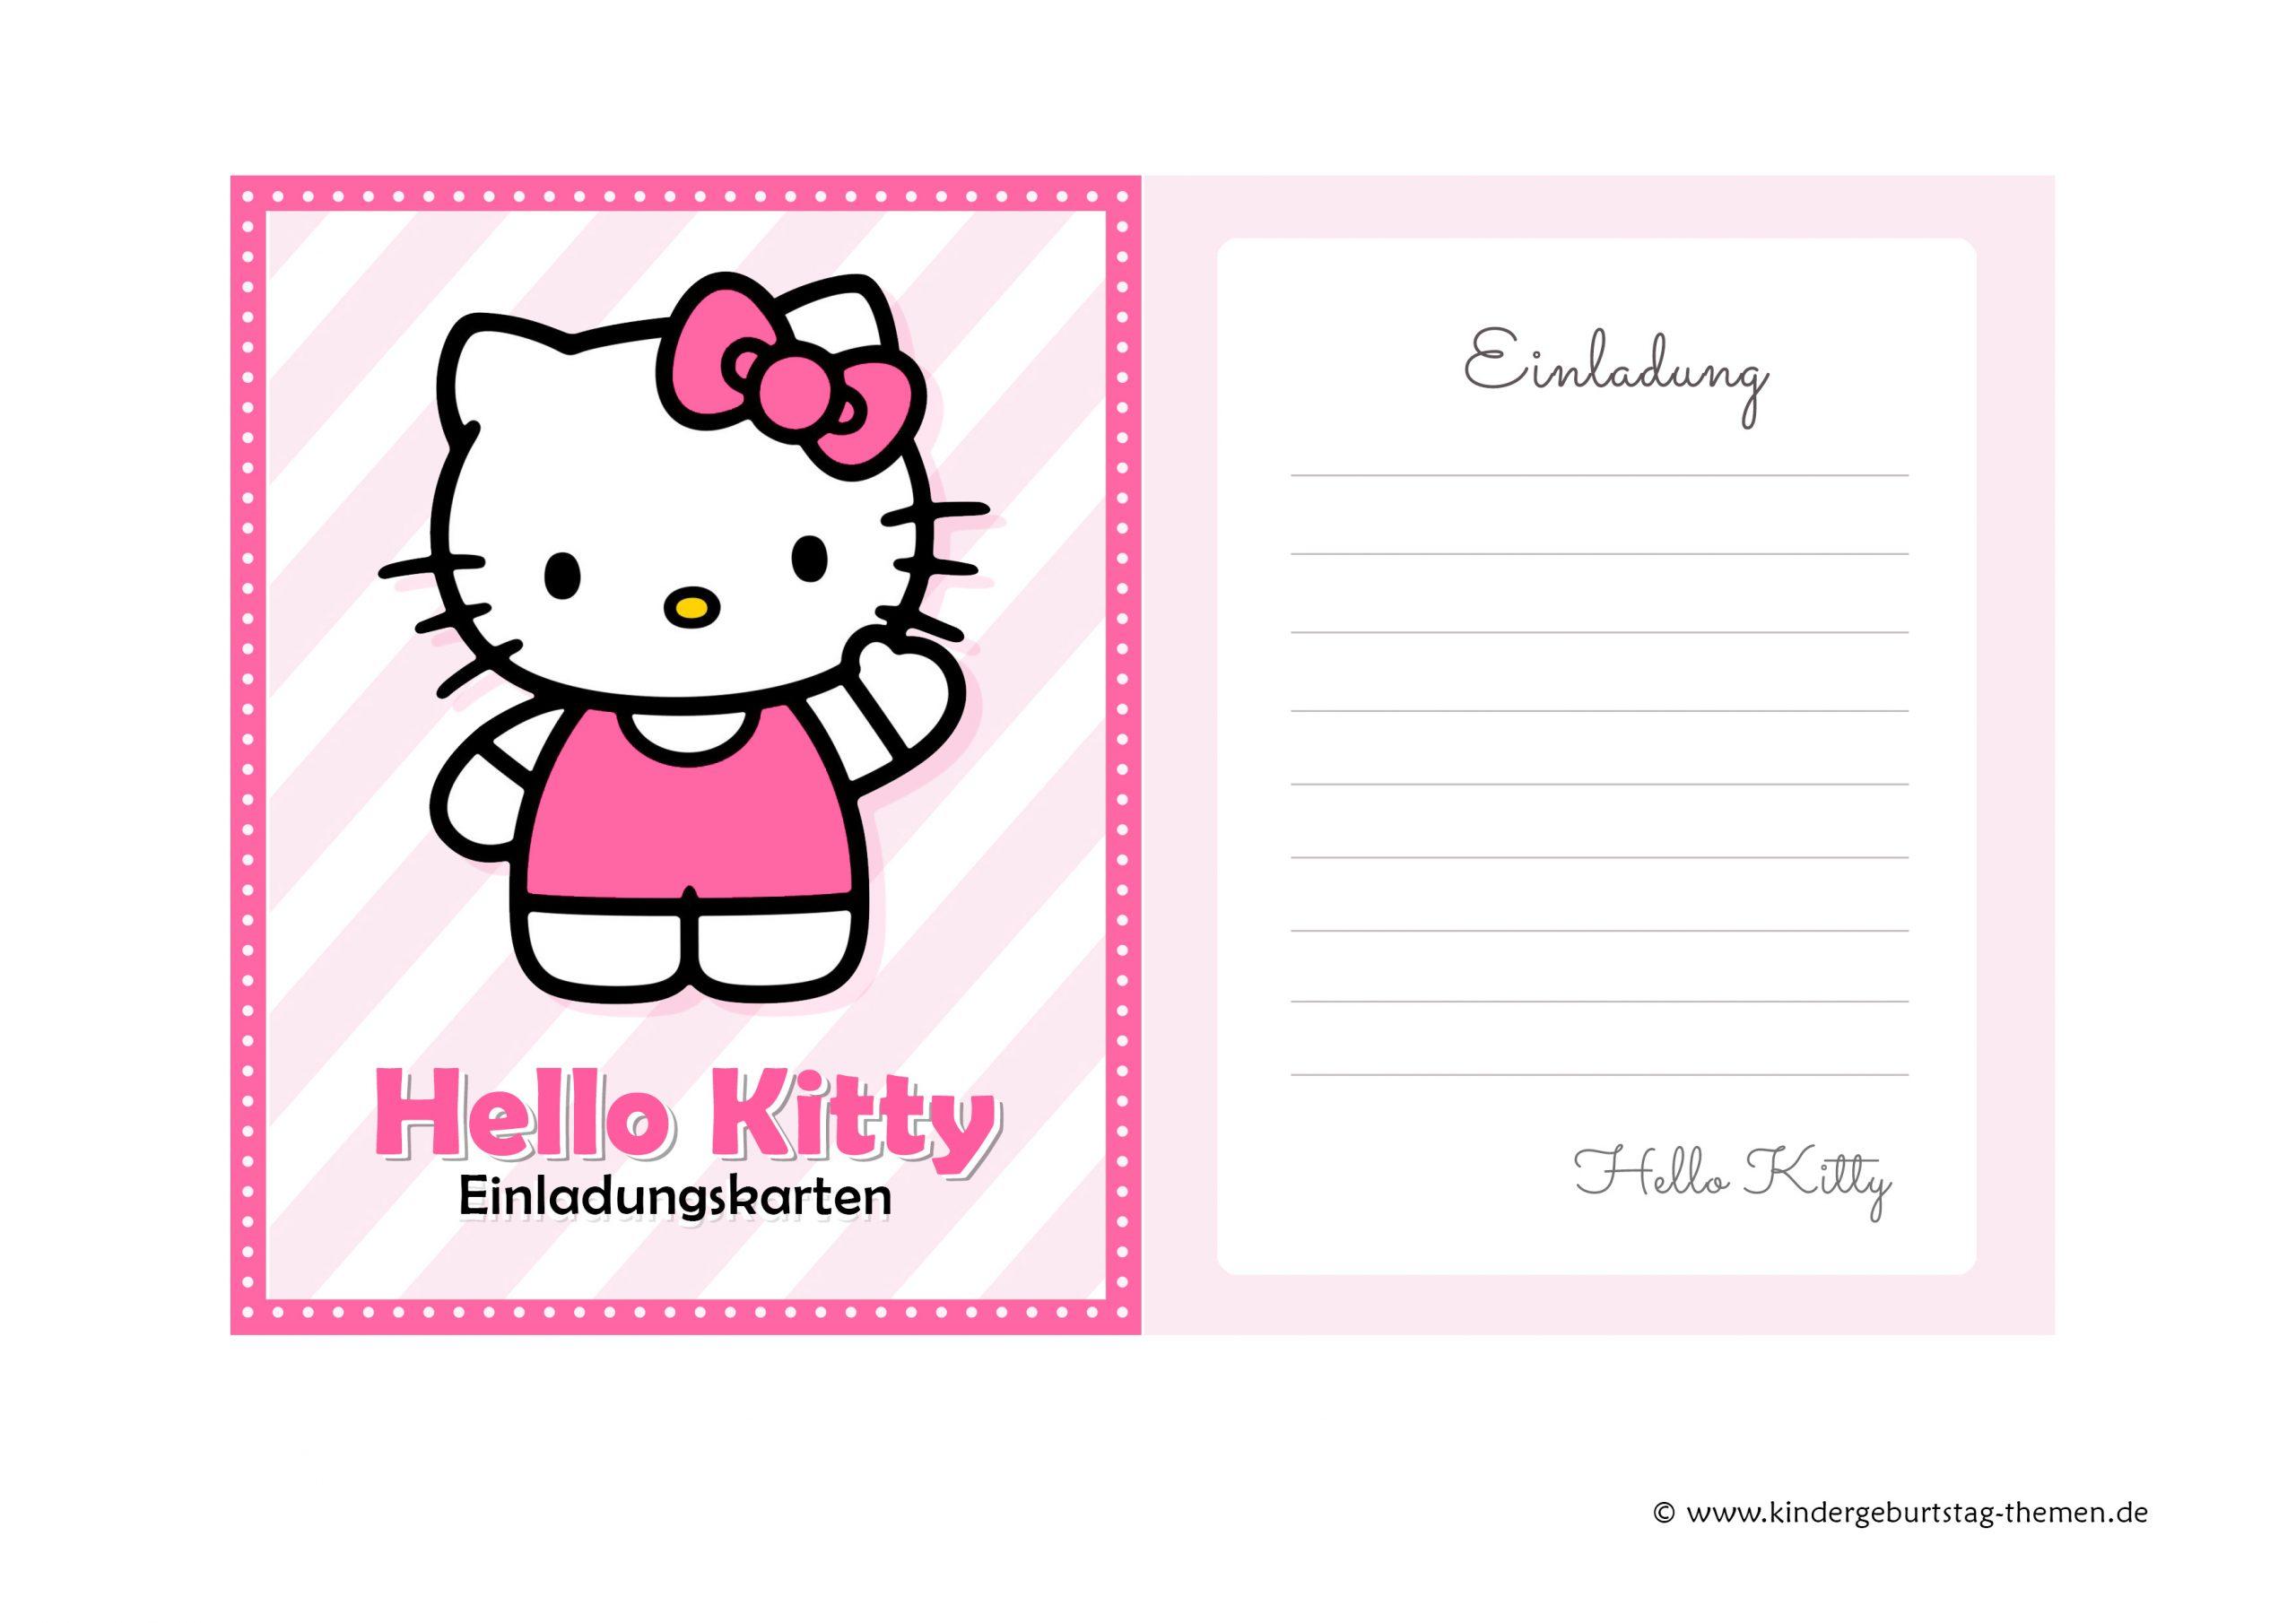 Hello Kitty Geburtstagskarte: Kostenlose Einladungen Zum verwandt mit Hello Kitty Kostenlos